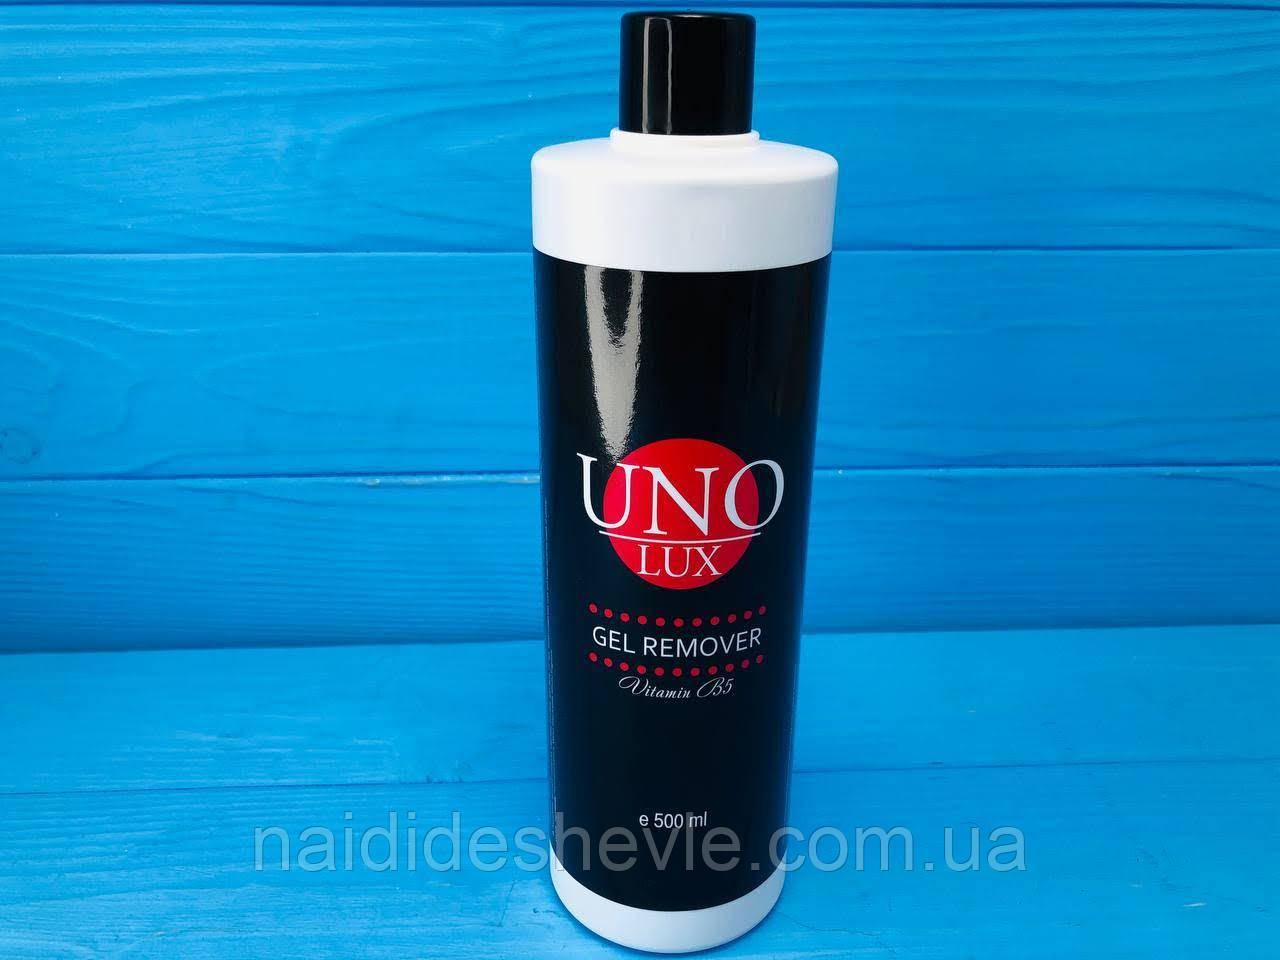 UNO LUX Жидкость Gel Remover для удаления / снятия мягкого геля и гель-лака, 500 мл.